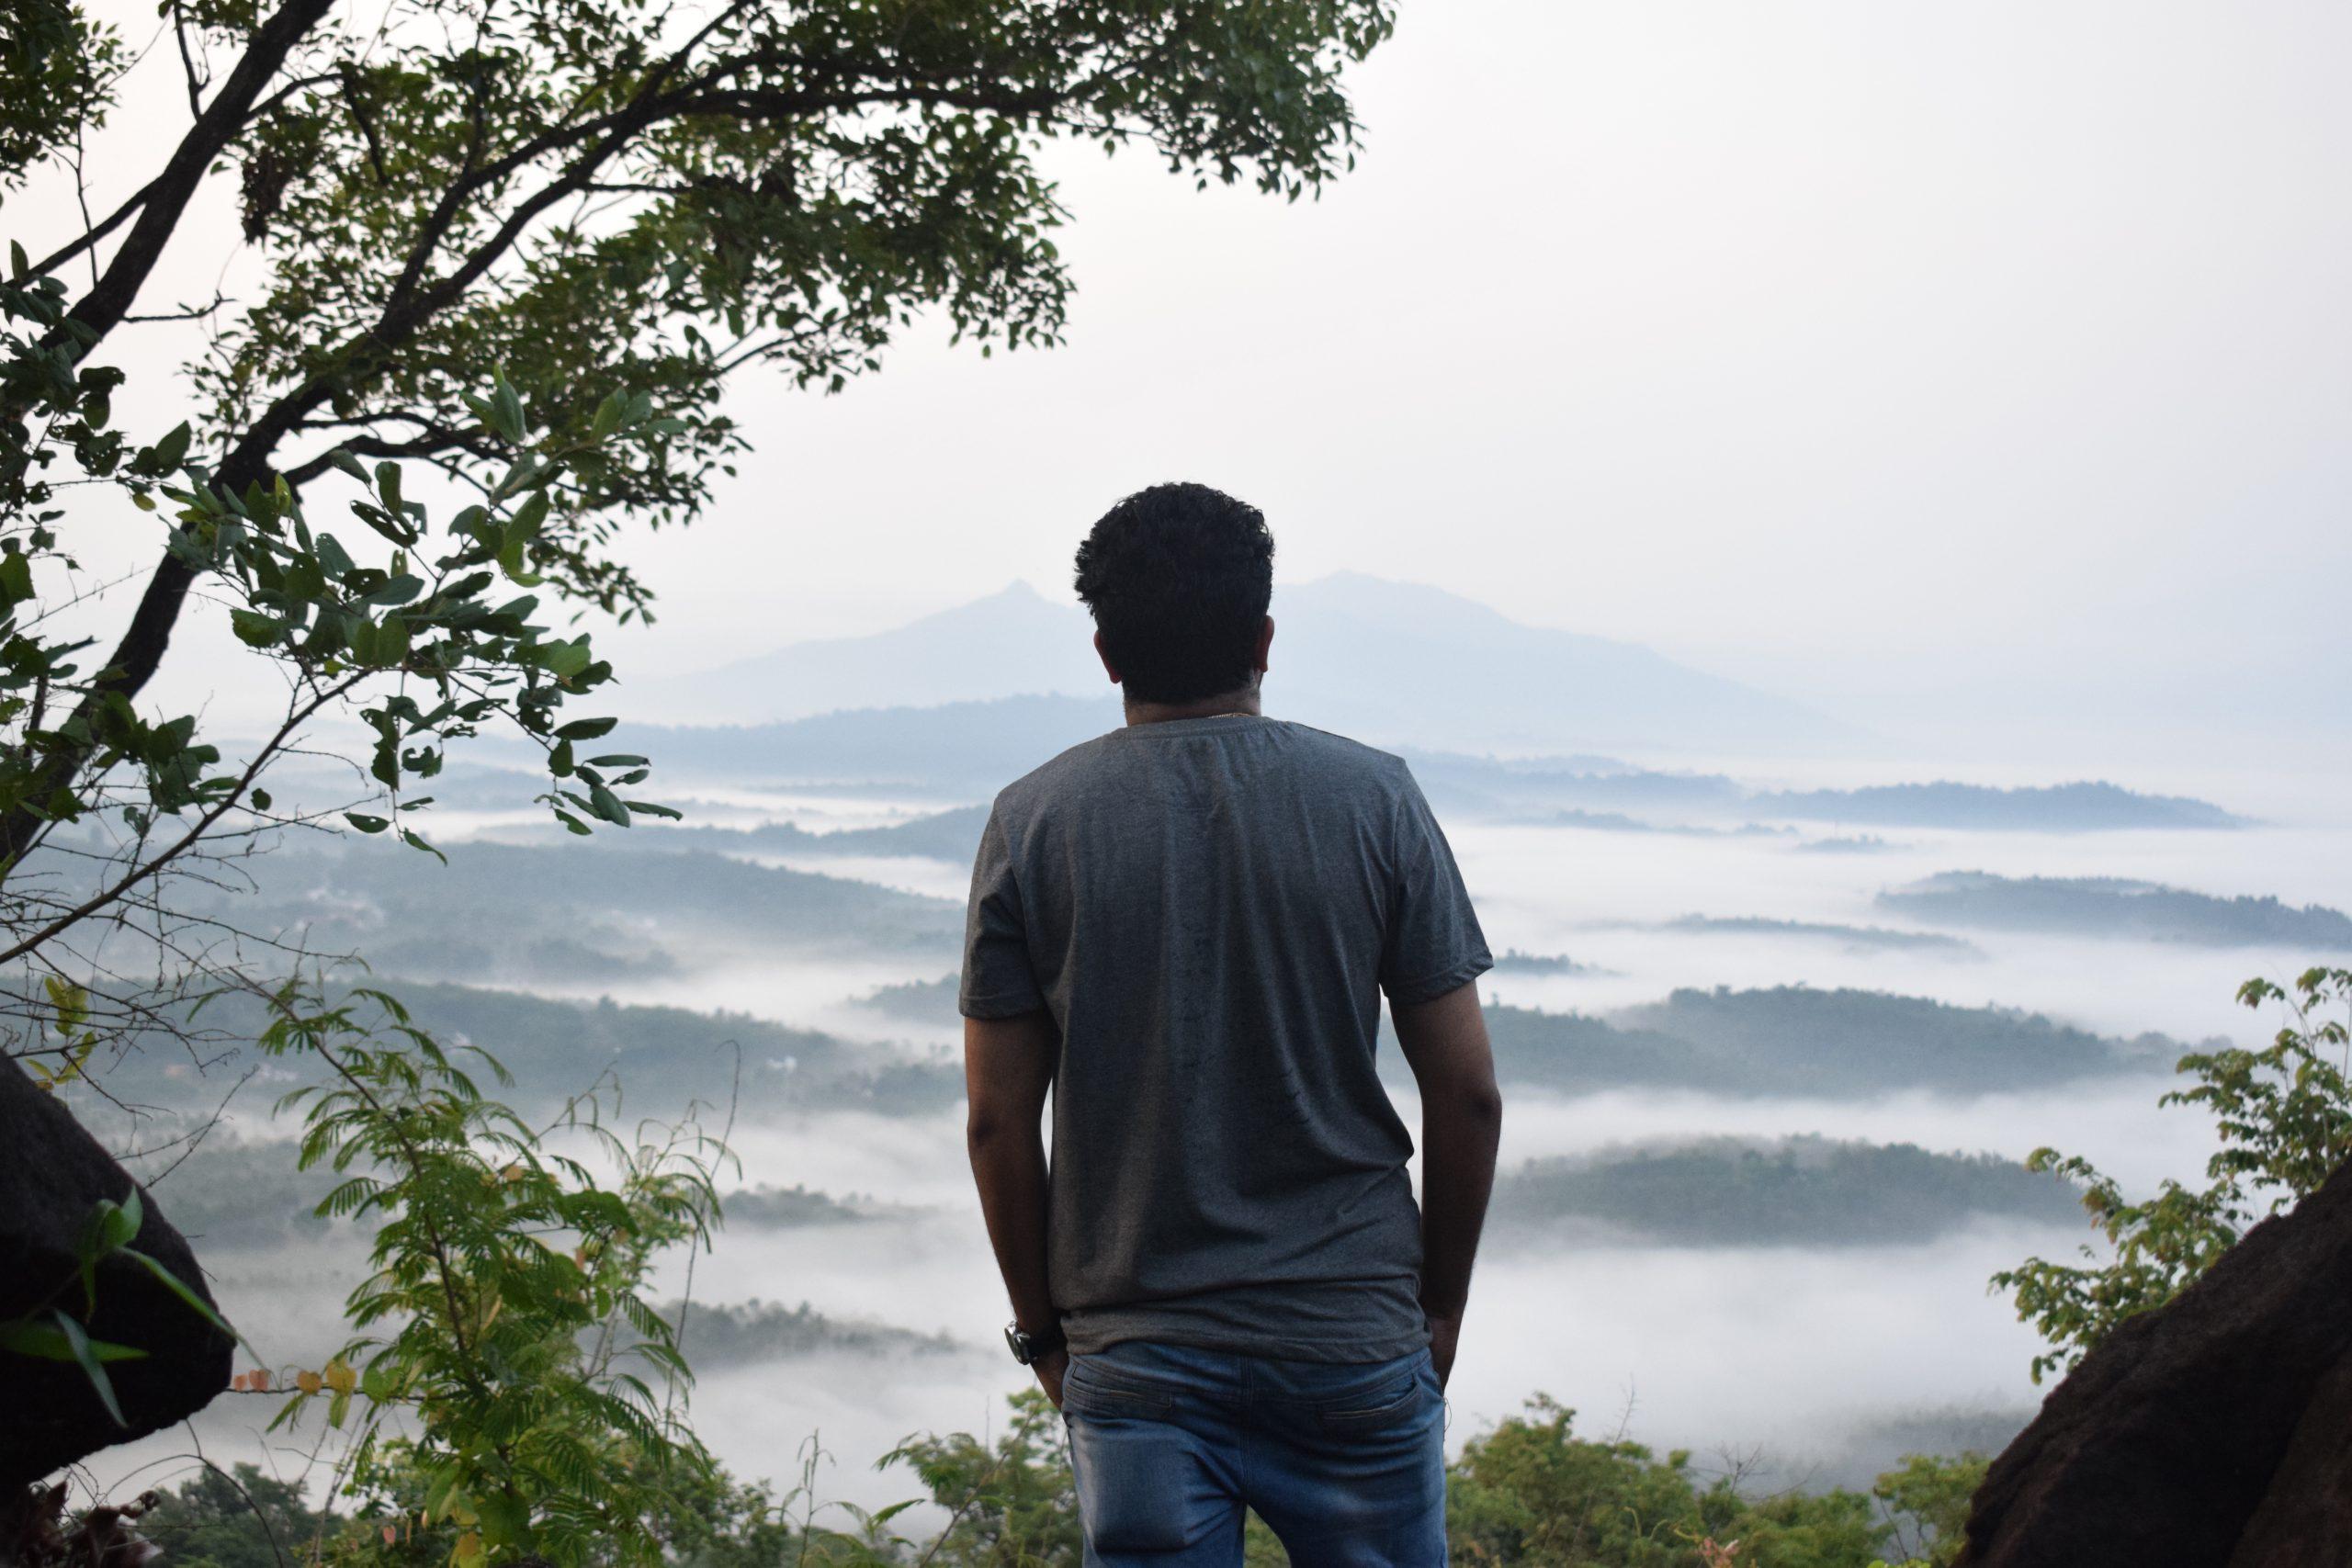 man admiring nature